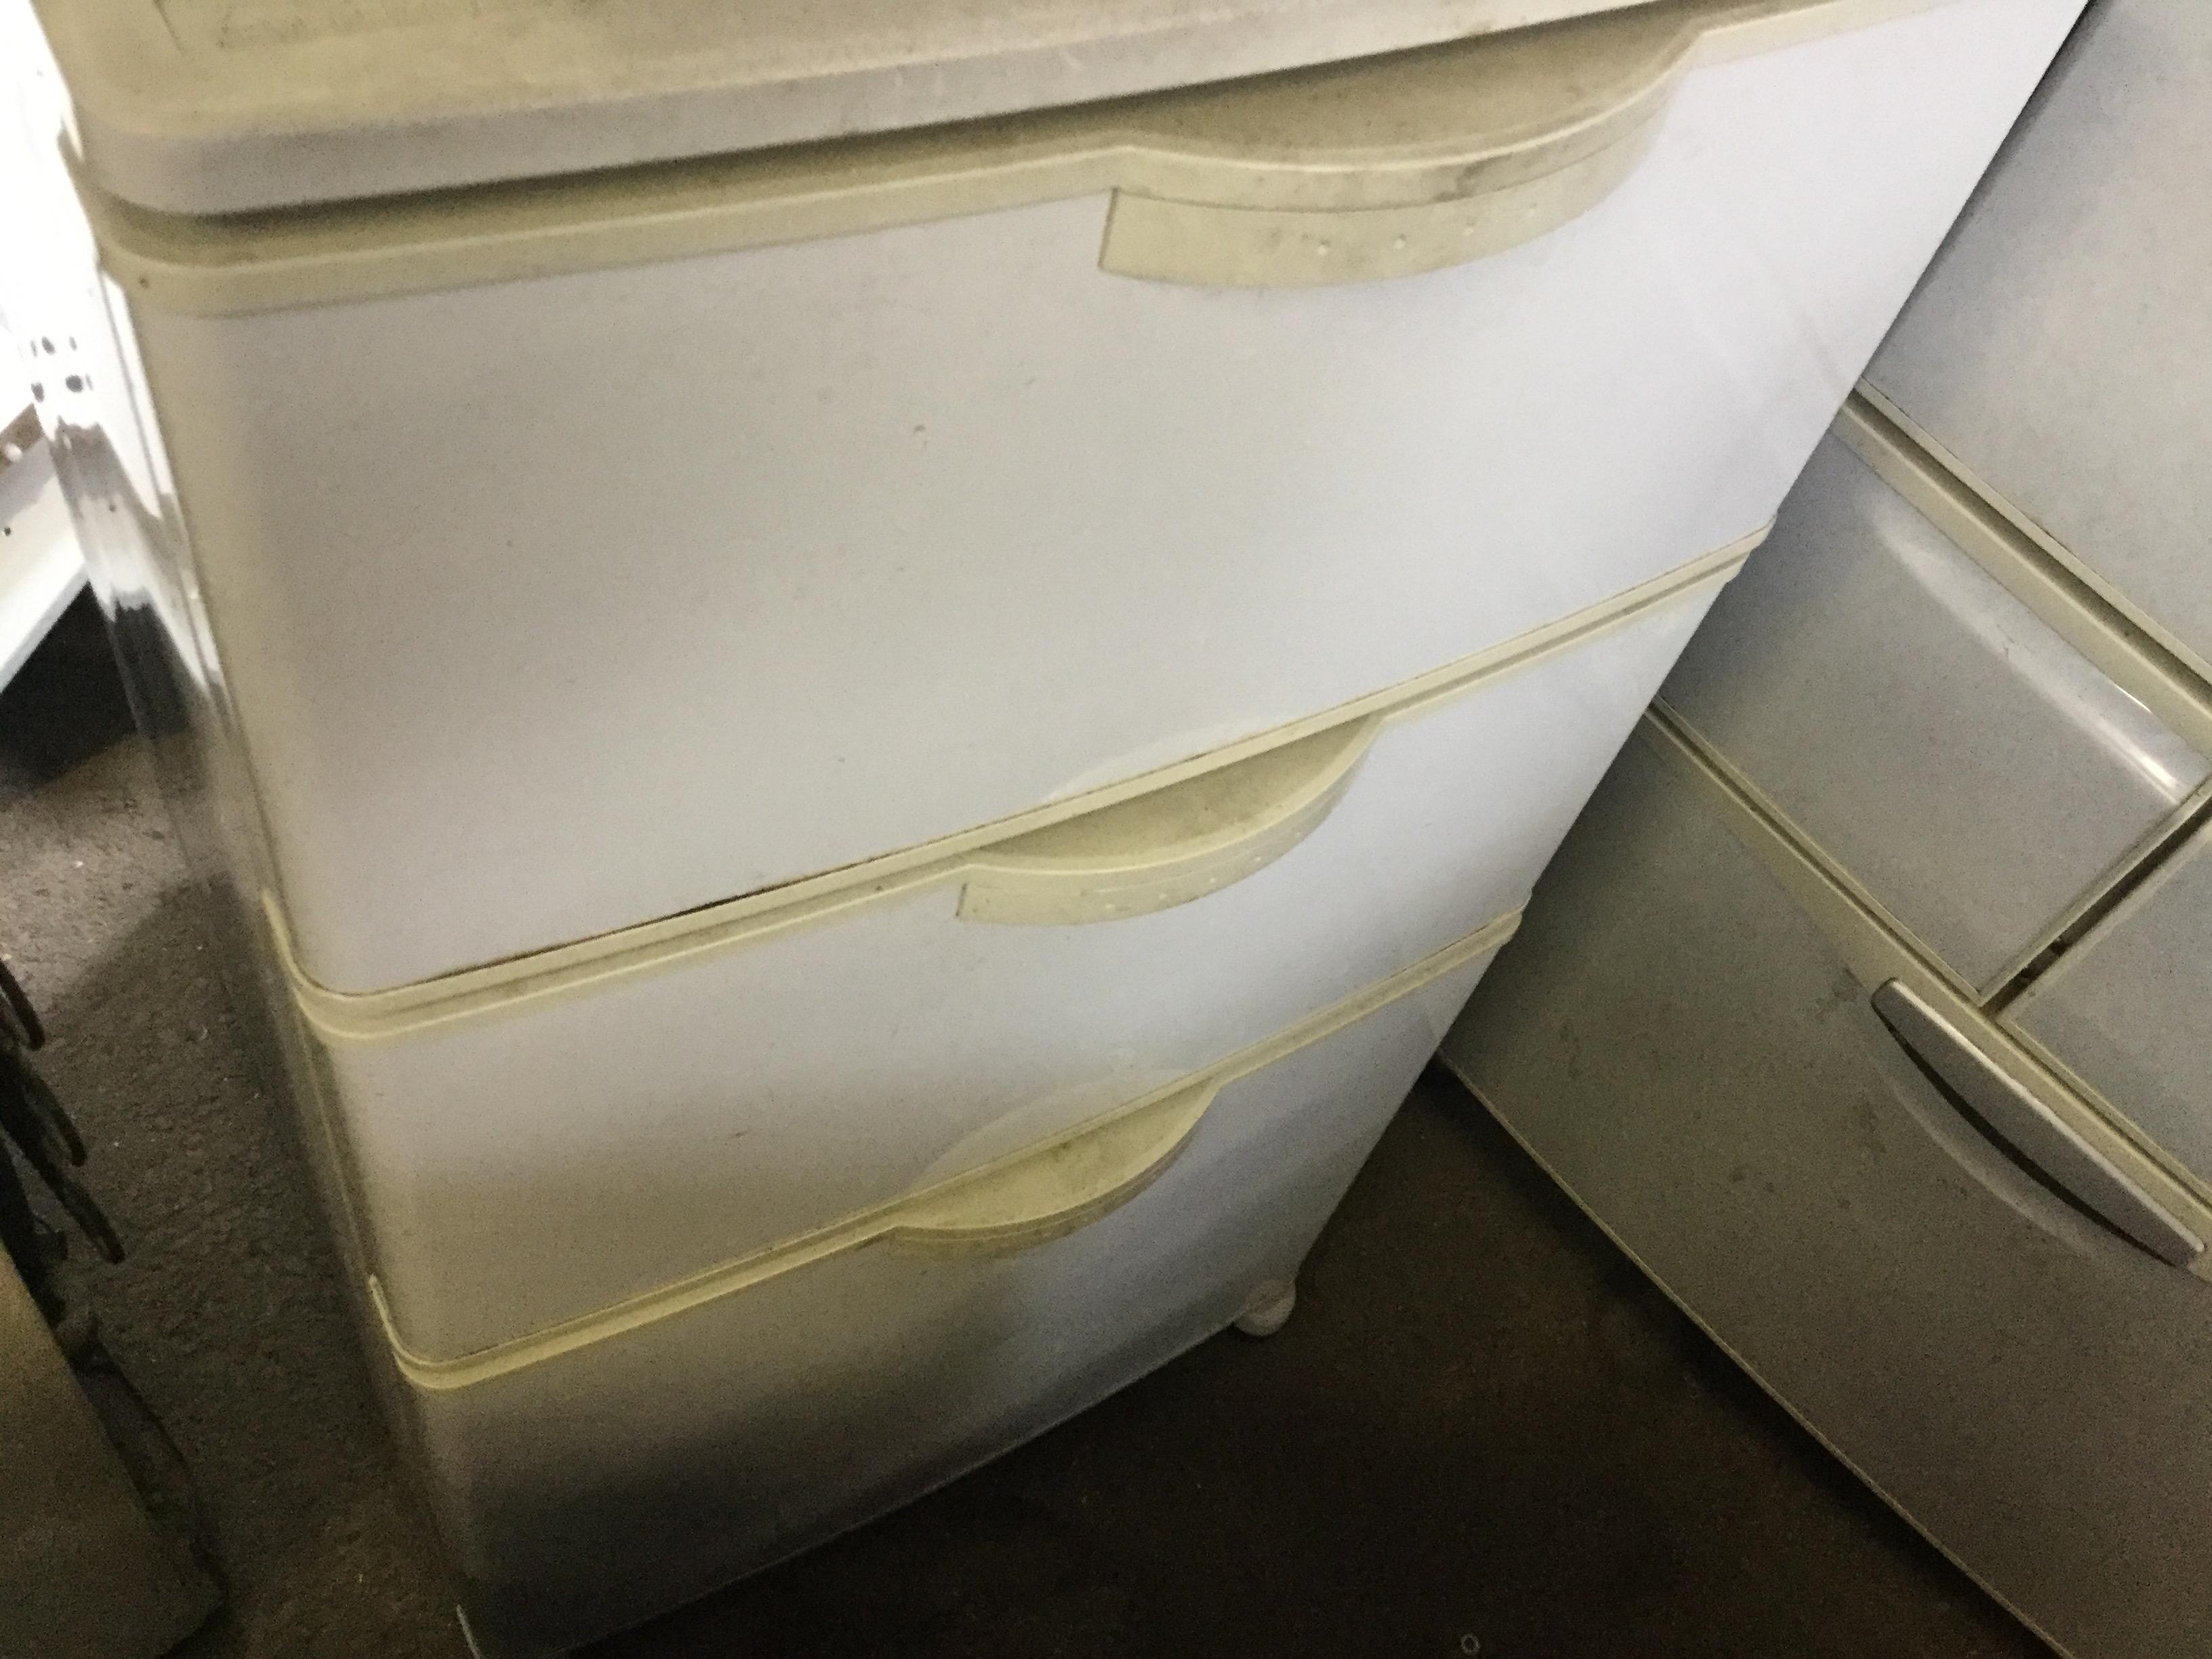 福山市本郷町付近で回収した冷凍庫